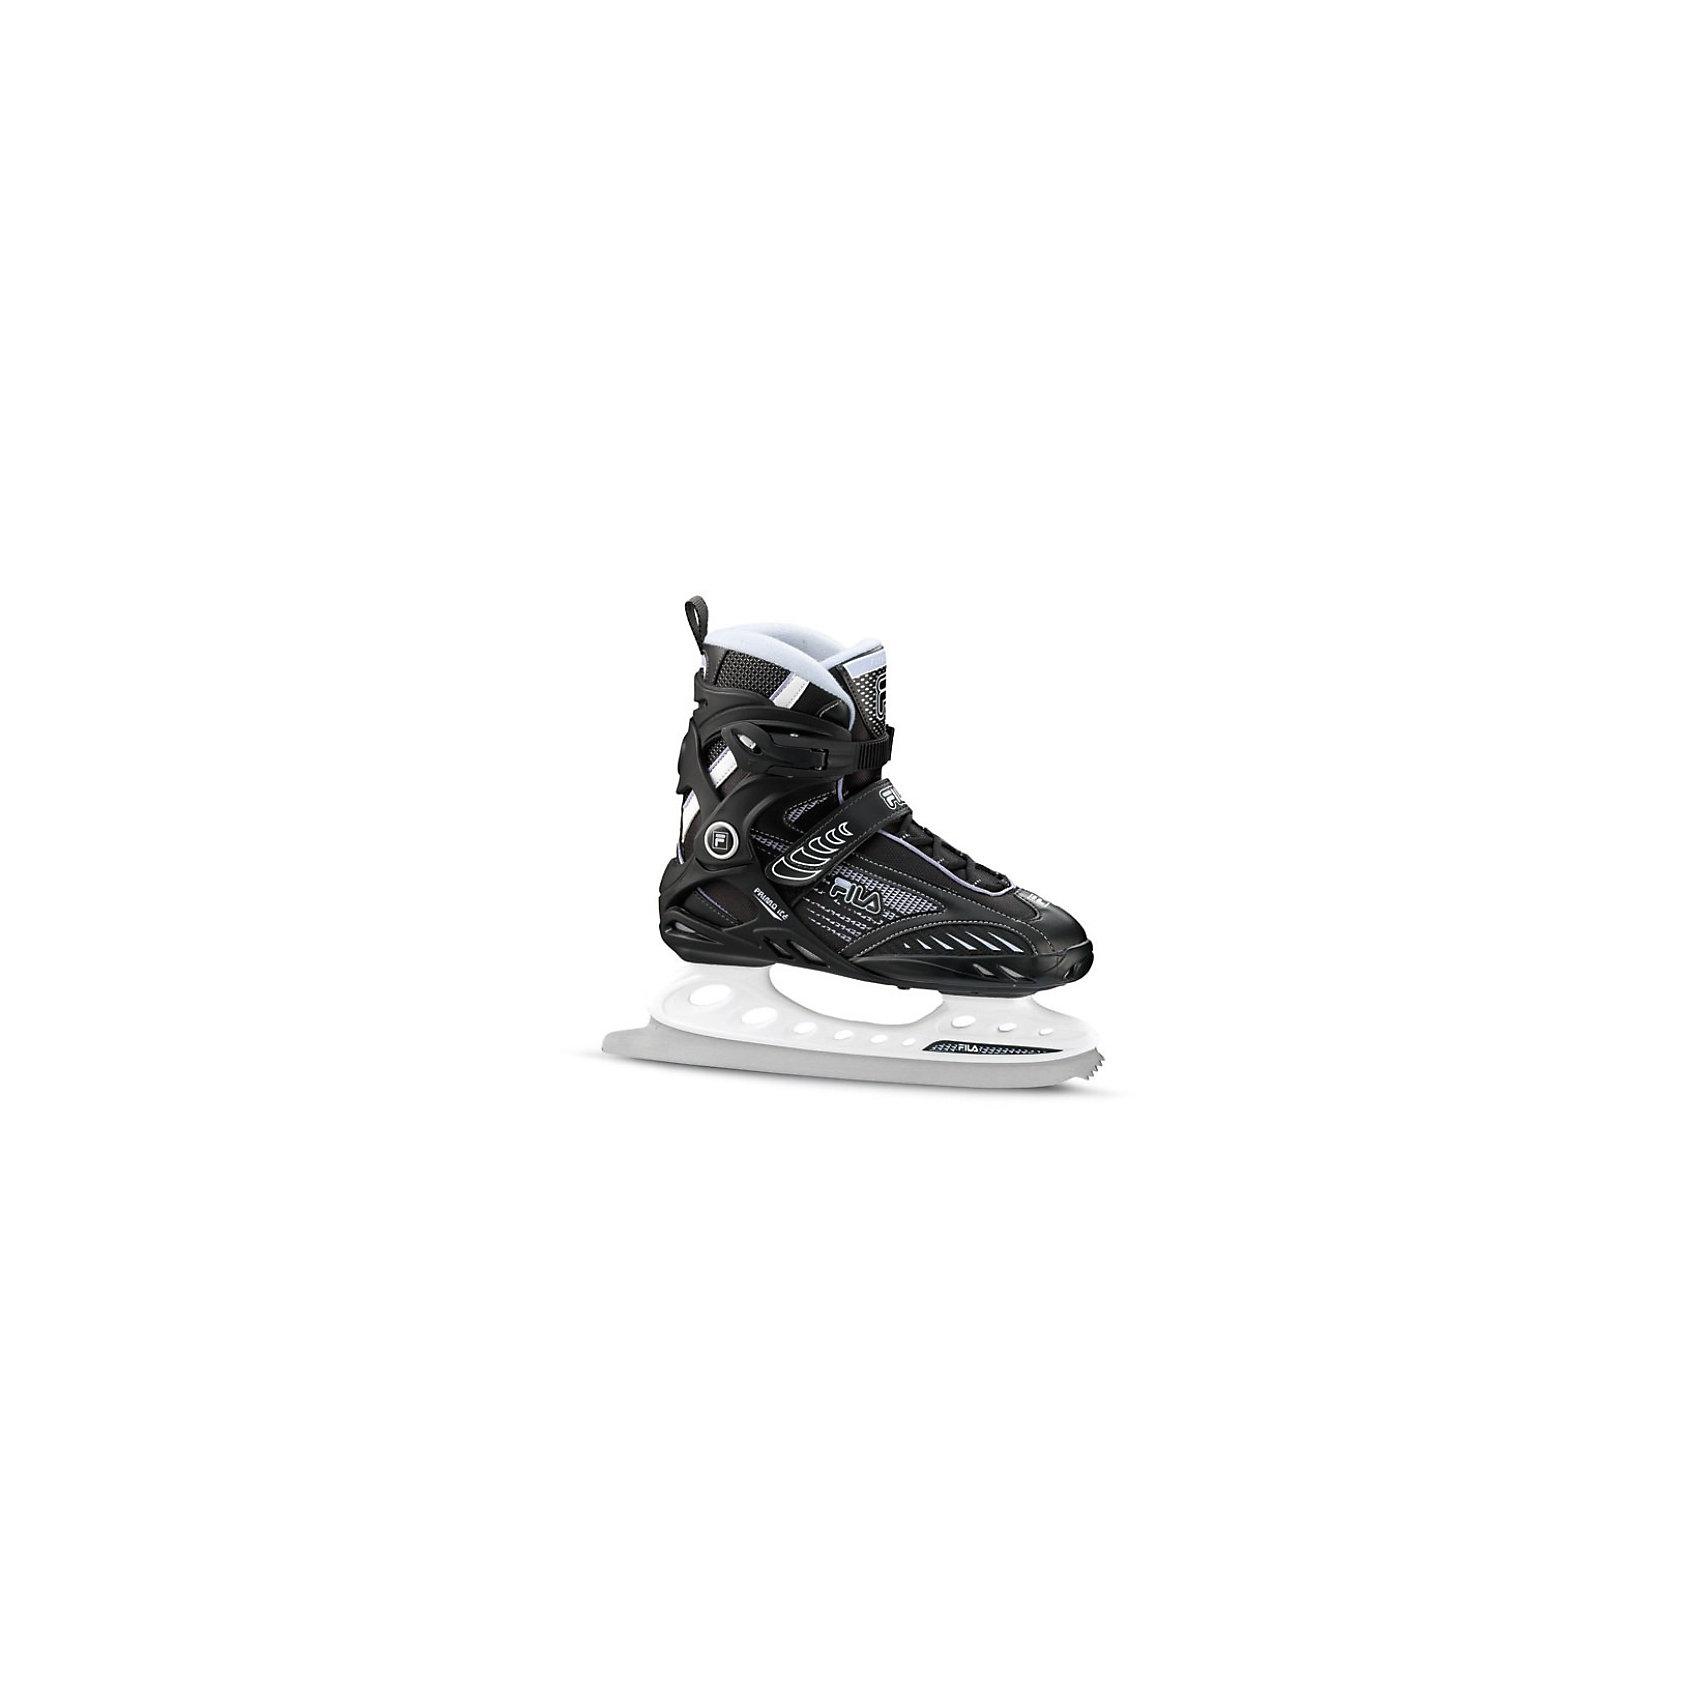 Ледовые коньки Primo Ice, чёрный/ фиолетовый, FILA